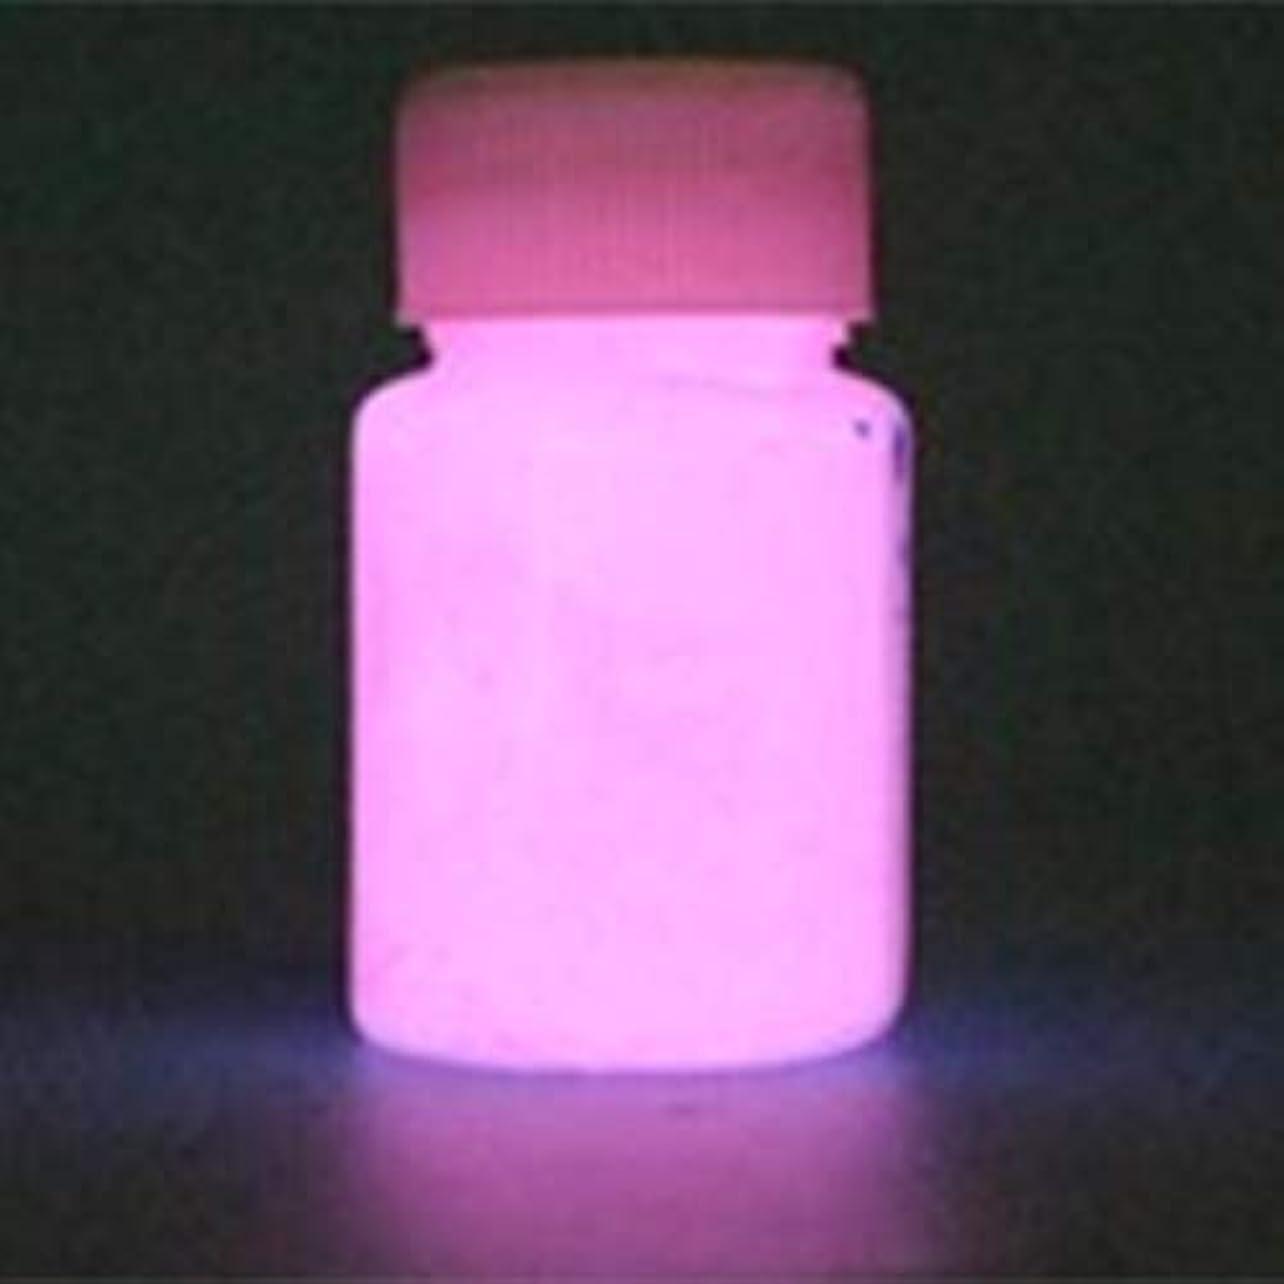 膿瘍ラベルレールDeeploveUU 光沢のある発光塗料防水長寿命蛍光液体発光粉末発光塗料水ベース